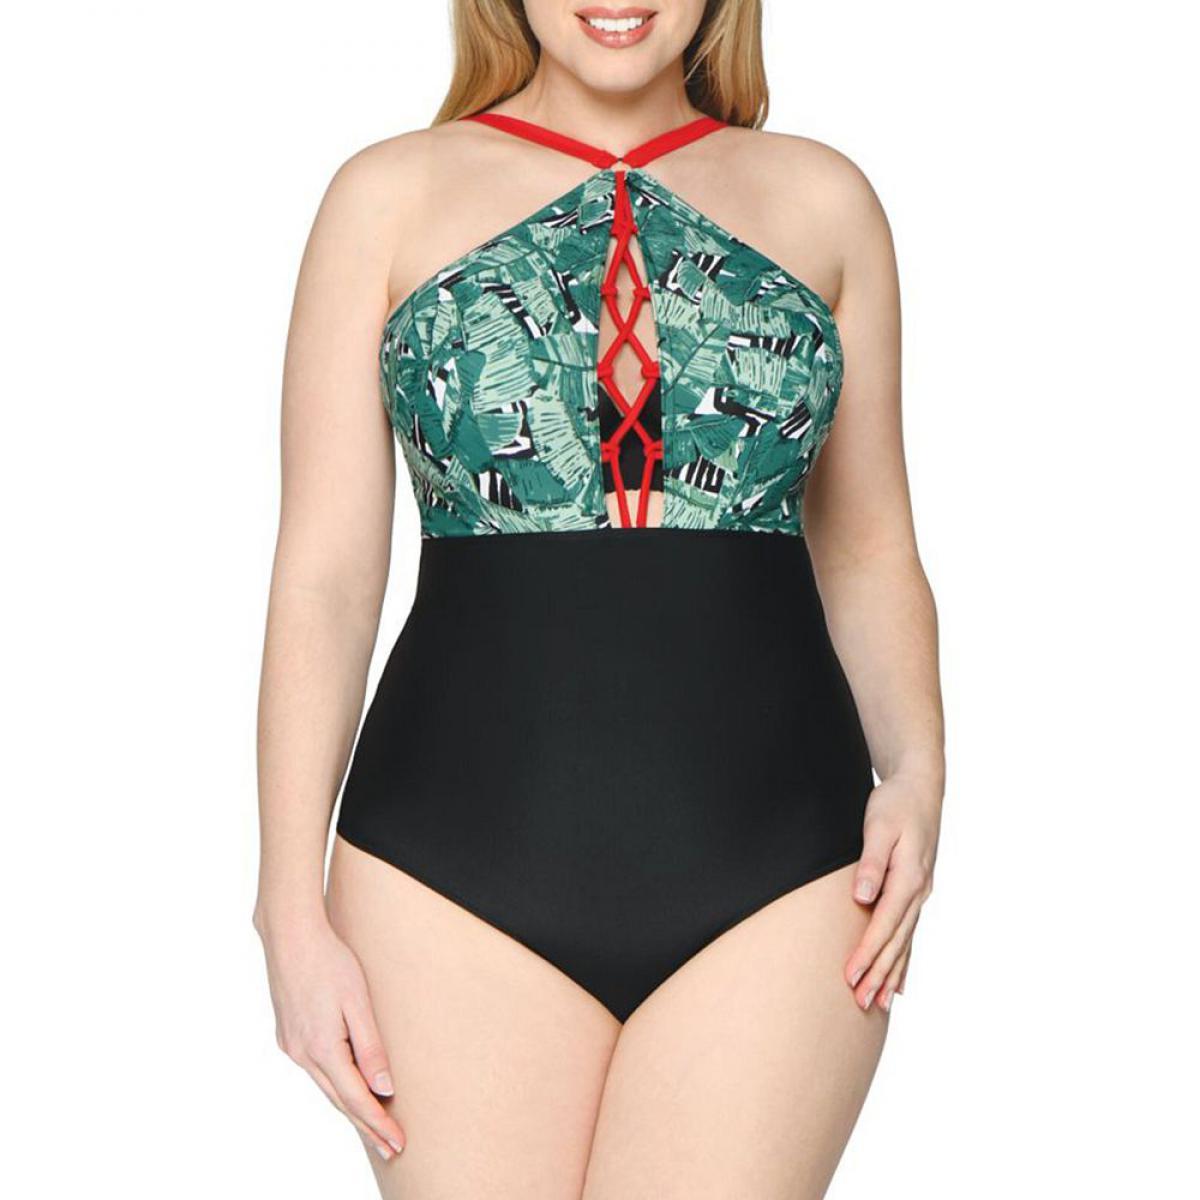 Promo : Maillot de bain une pièce plongeant armatures vert - Curvy Kate Maillot - Modalova